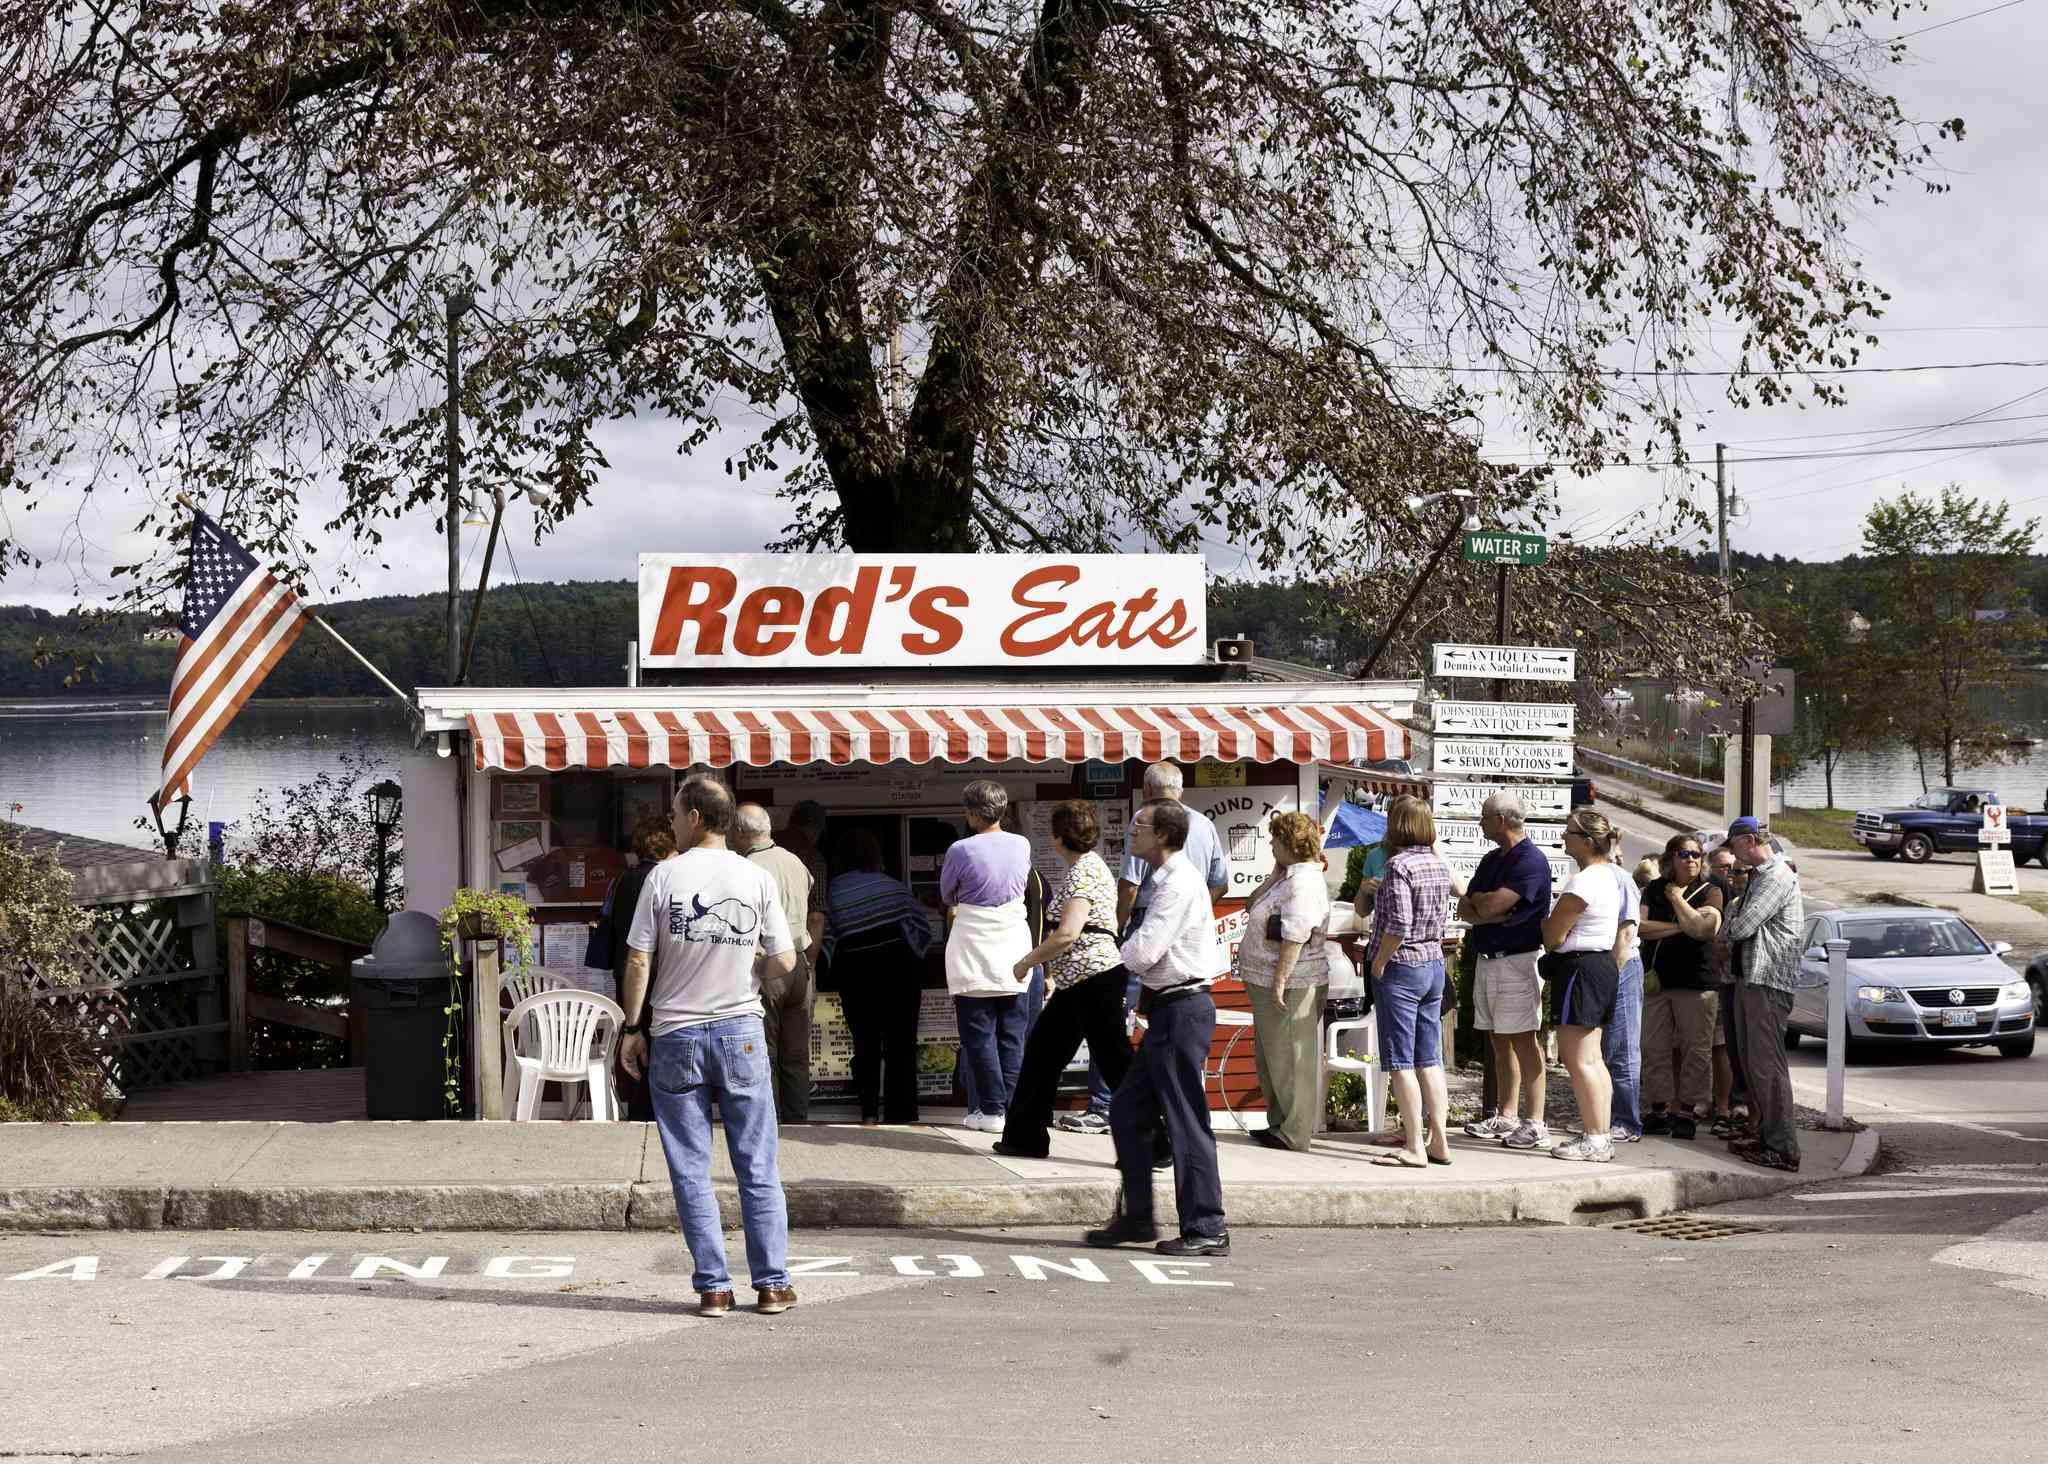 Red's Eats Roadside Restaurant, Maine